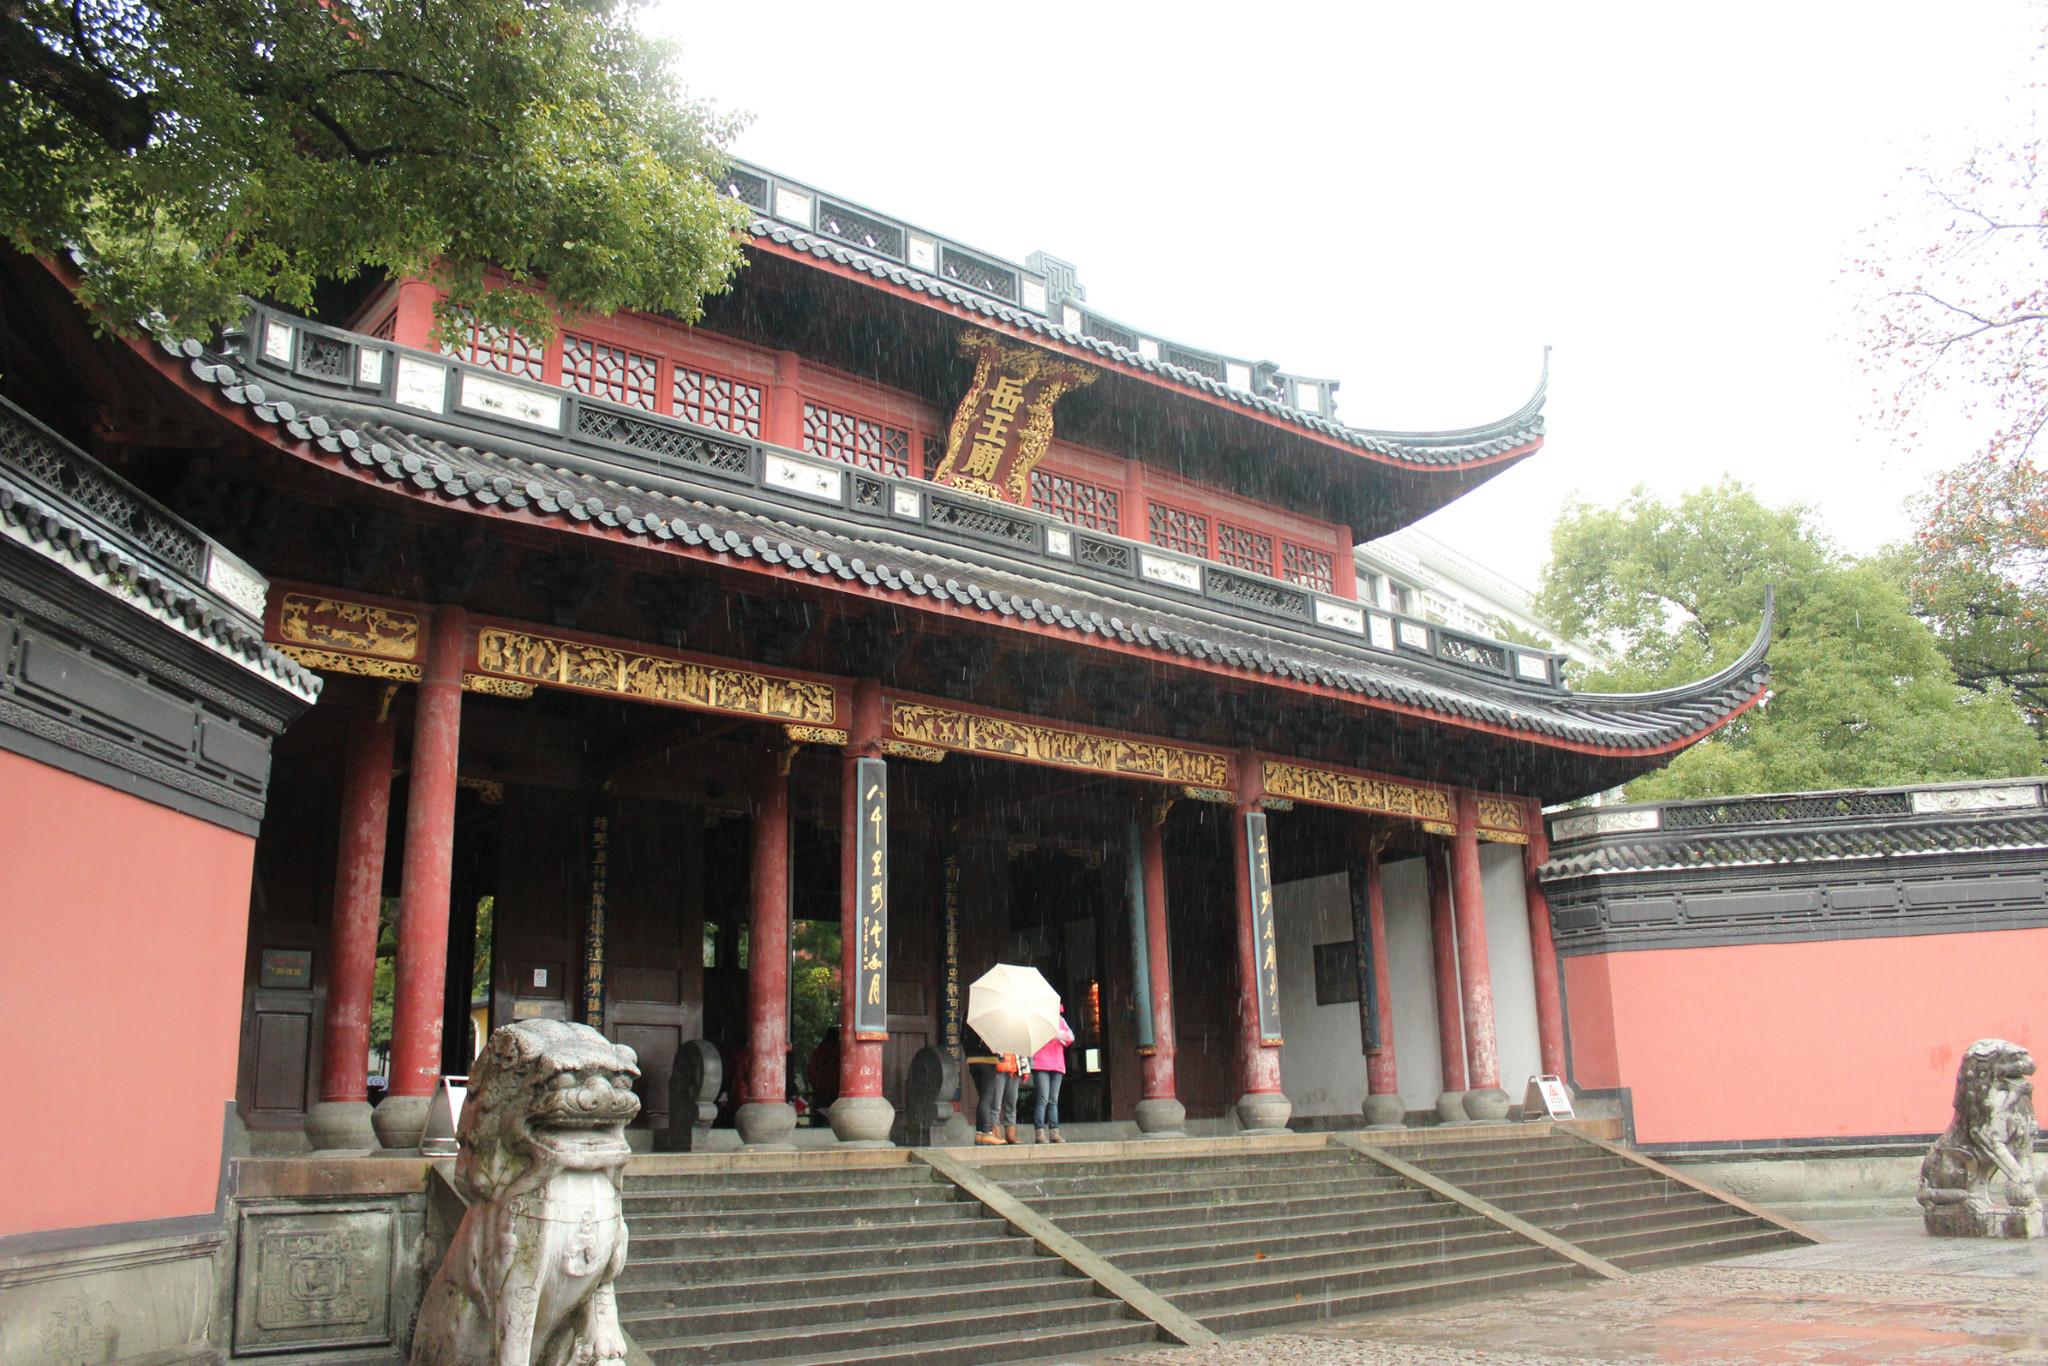 杭州西湖必去的景点有哪些,杭州西湖有哪些好玩的景点,杭州西湖景点游玩攻略